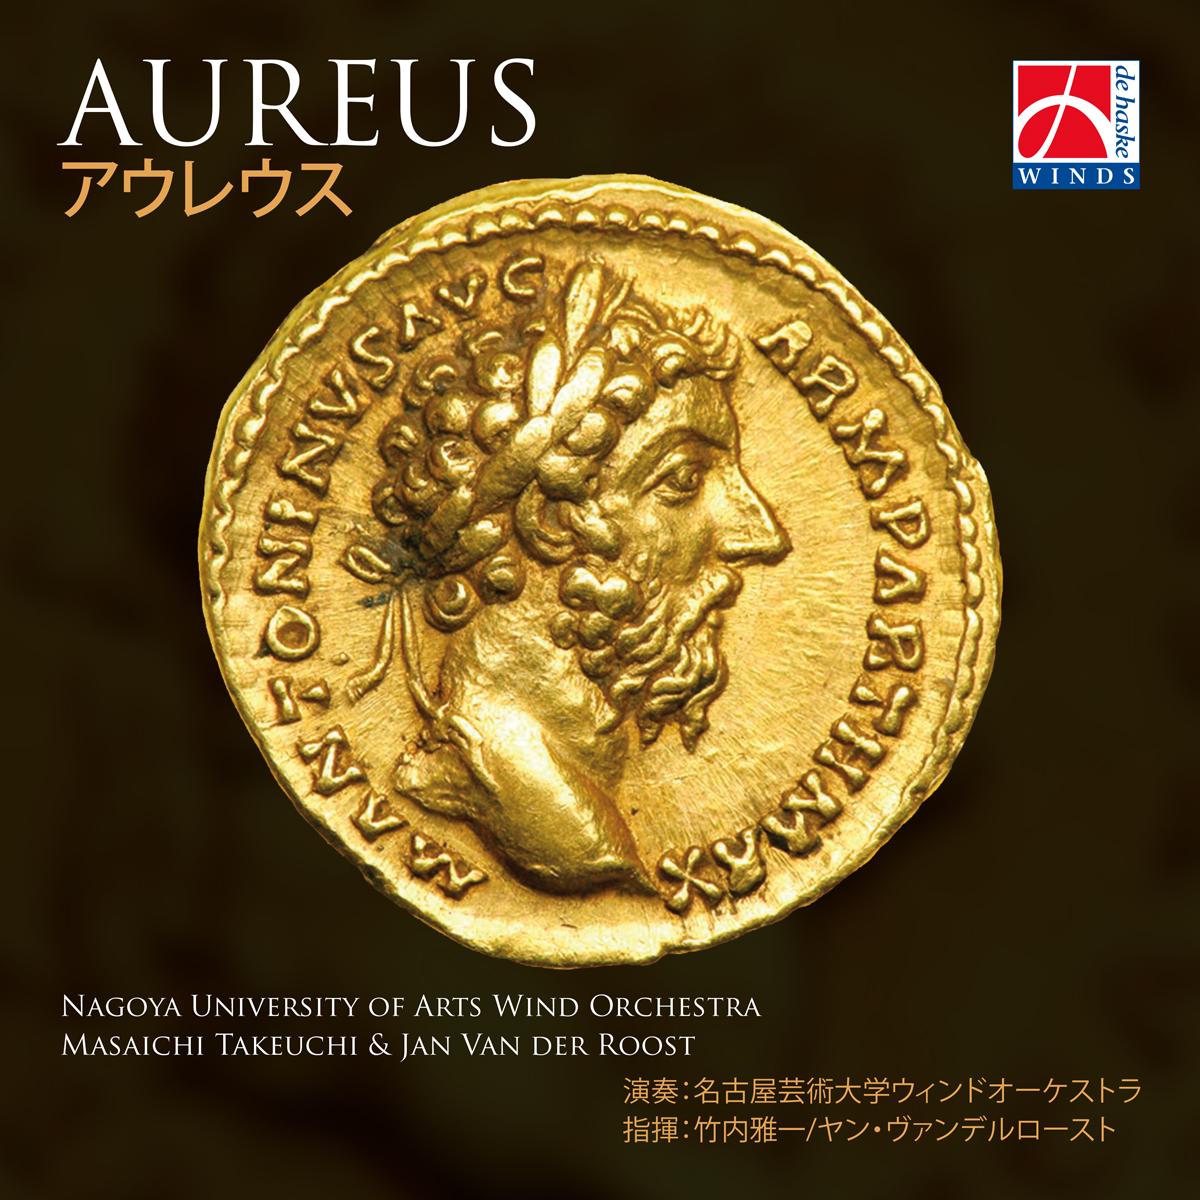 Aureus: Concert Band: CD